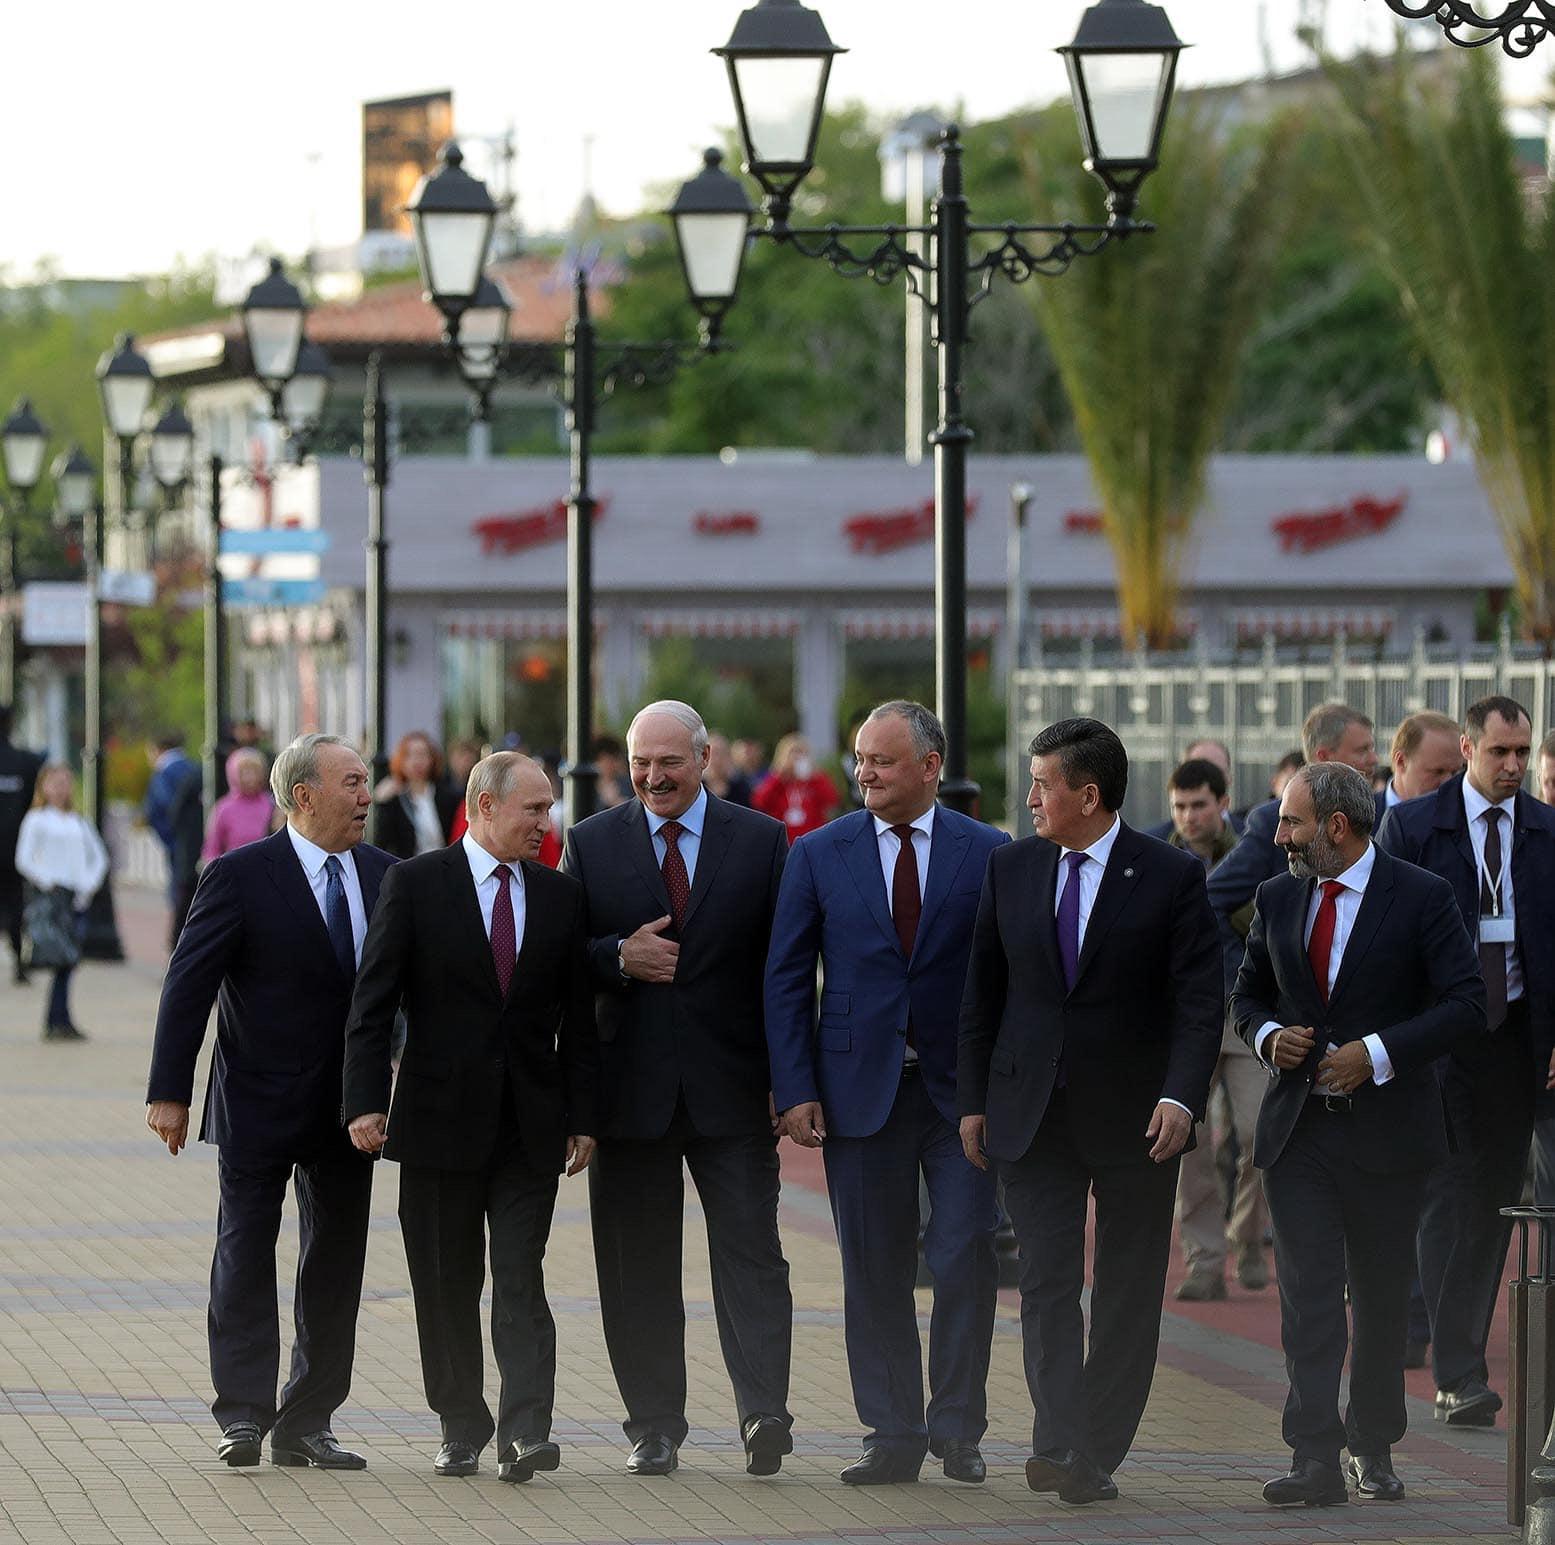 Додон отправился на заседание Высшего Евразийского экономического совета ЕАЭС